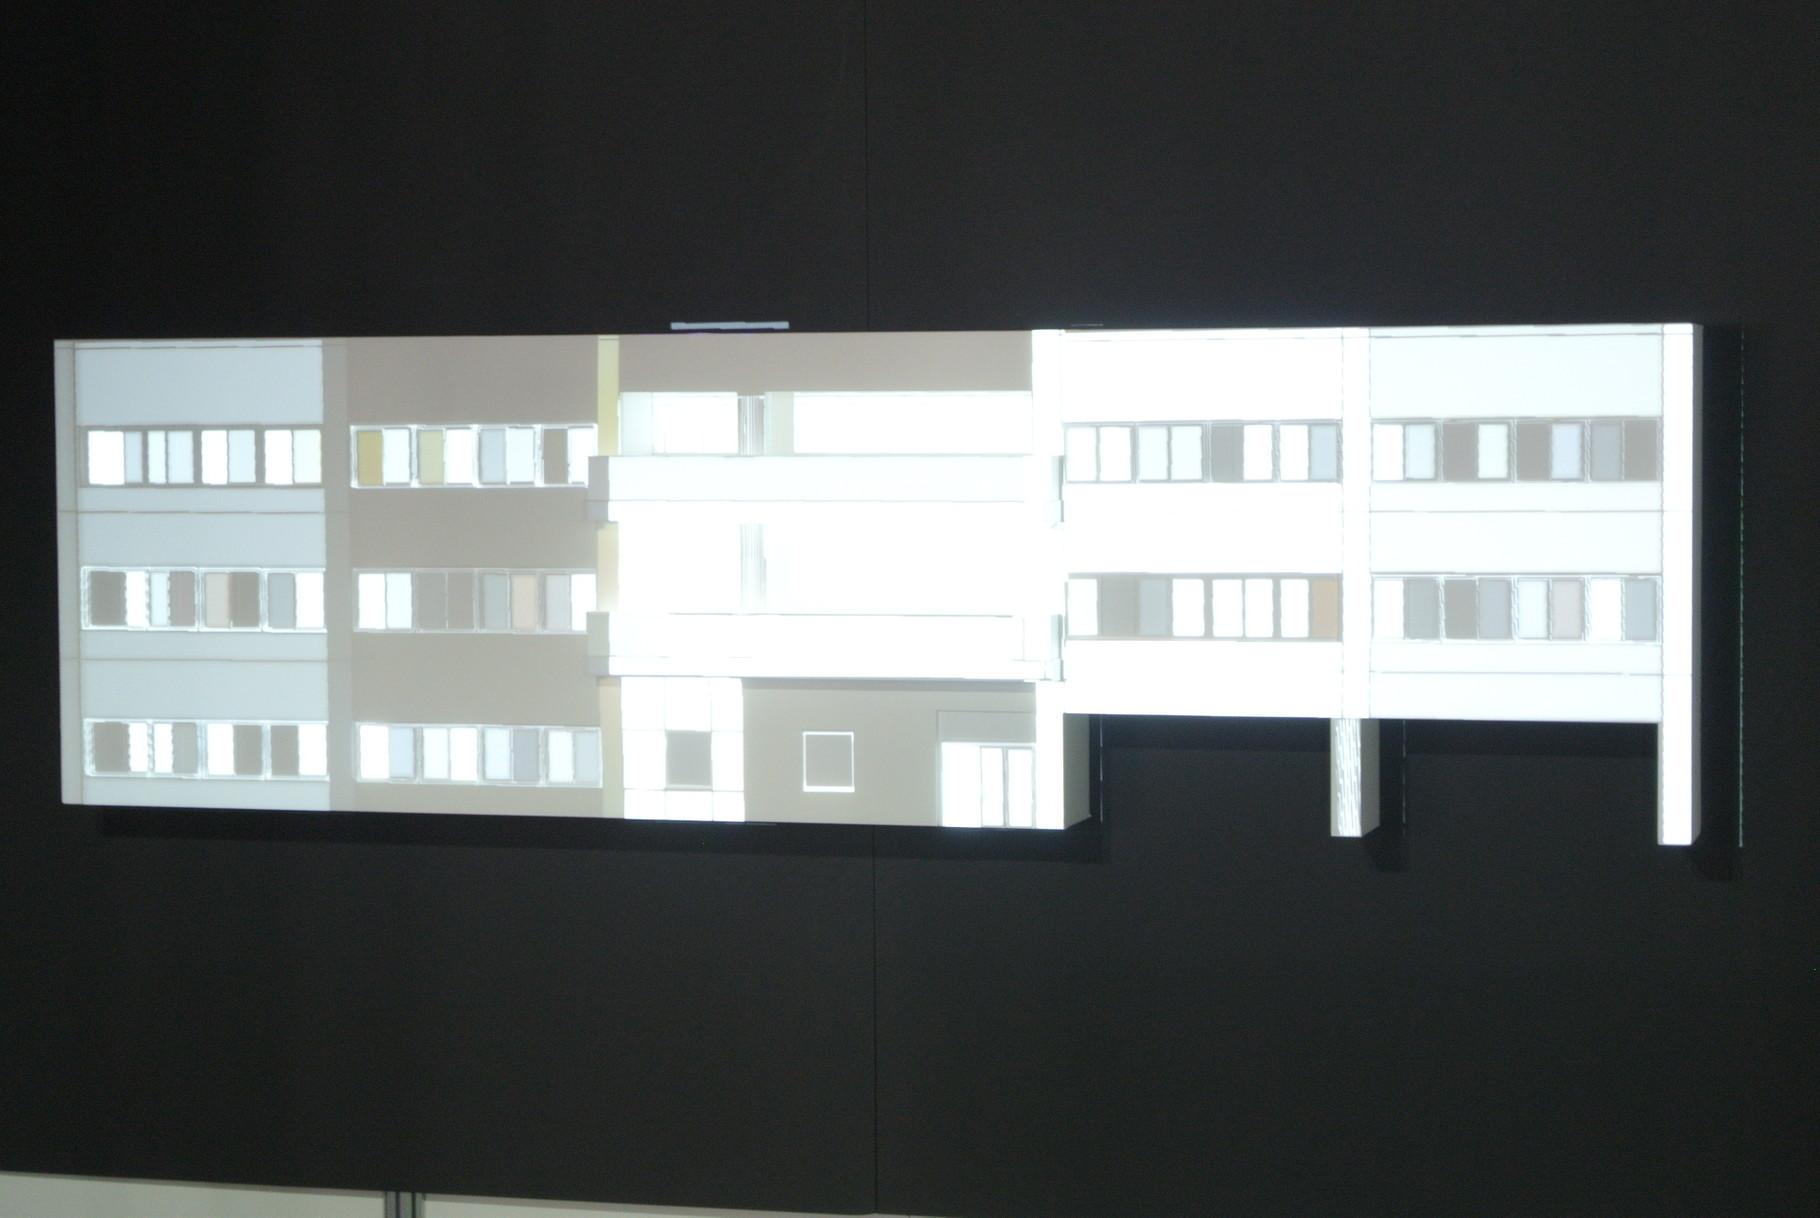 建築模型 プロジェクションマッピング模型